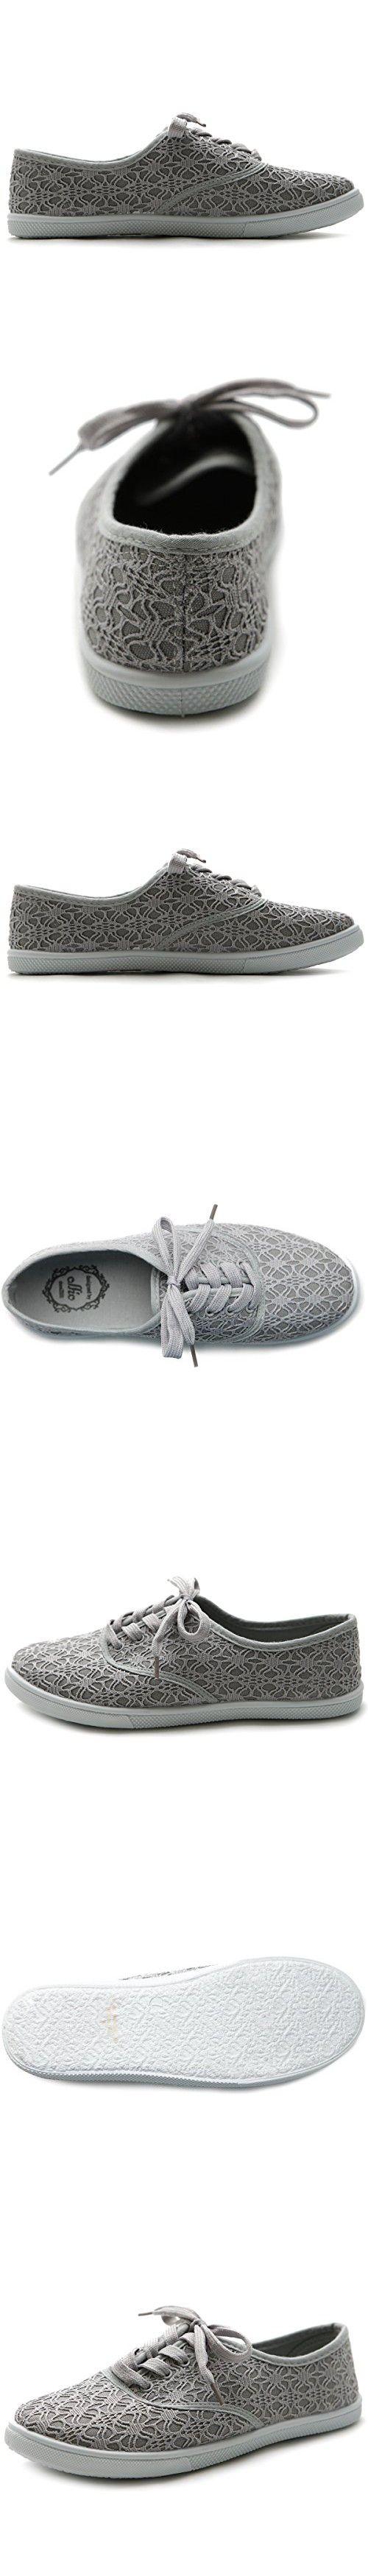 Ollio Women's Ballet Shoe Lace Up Sneaker Canvas Flat (7.5 B(M) US, Grey)